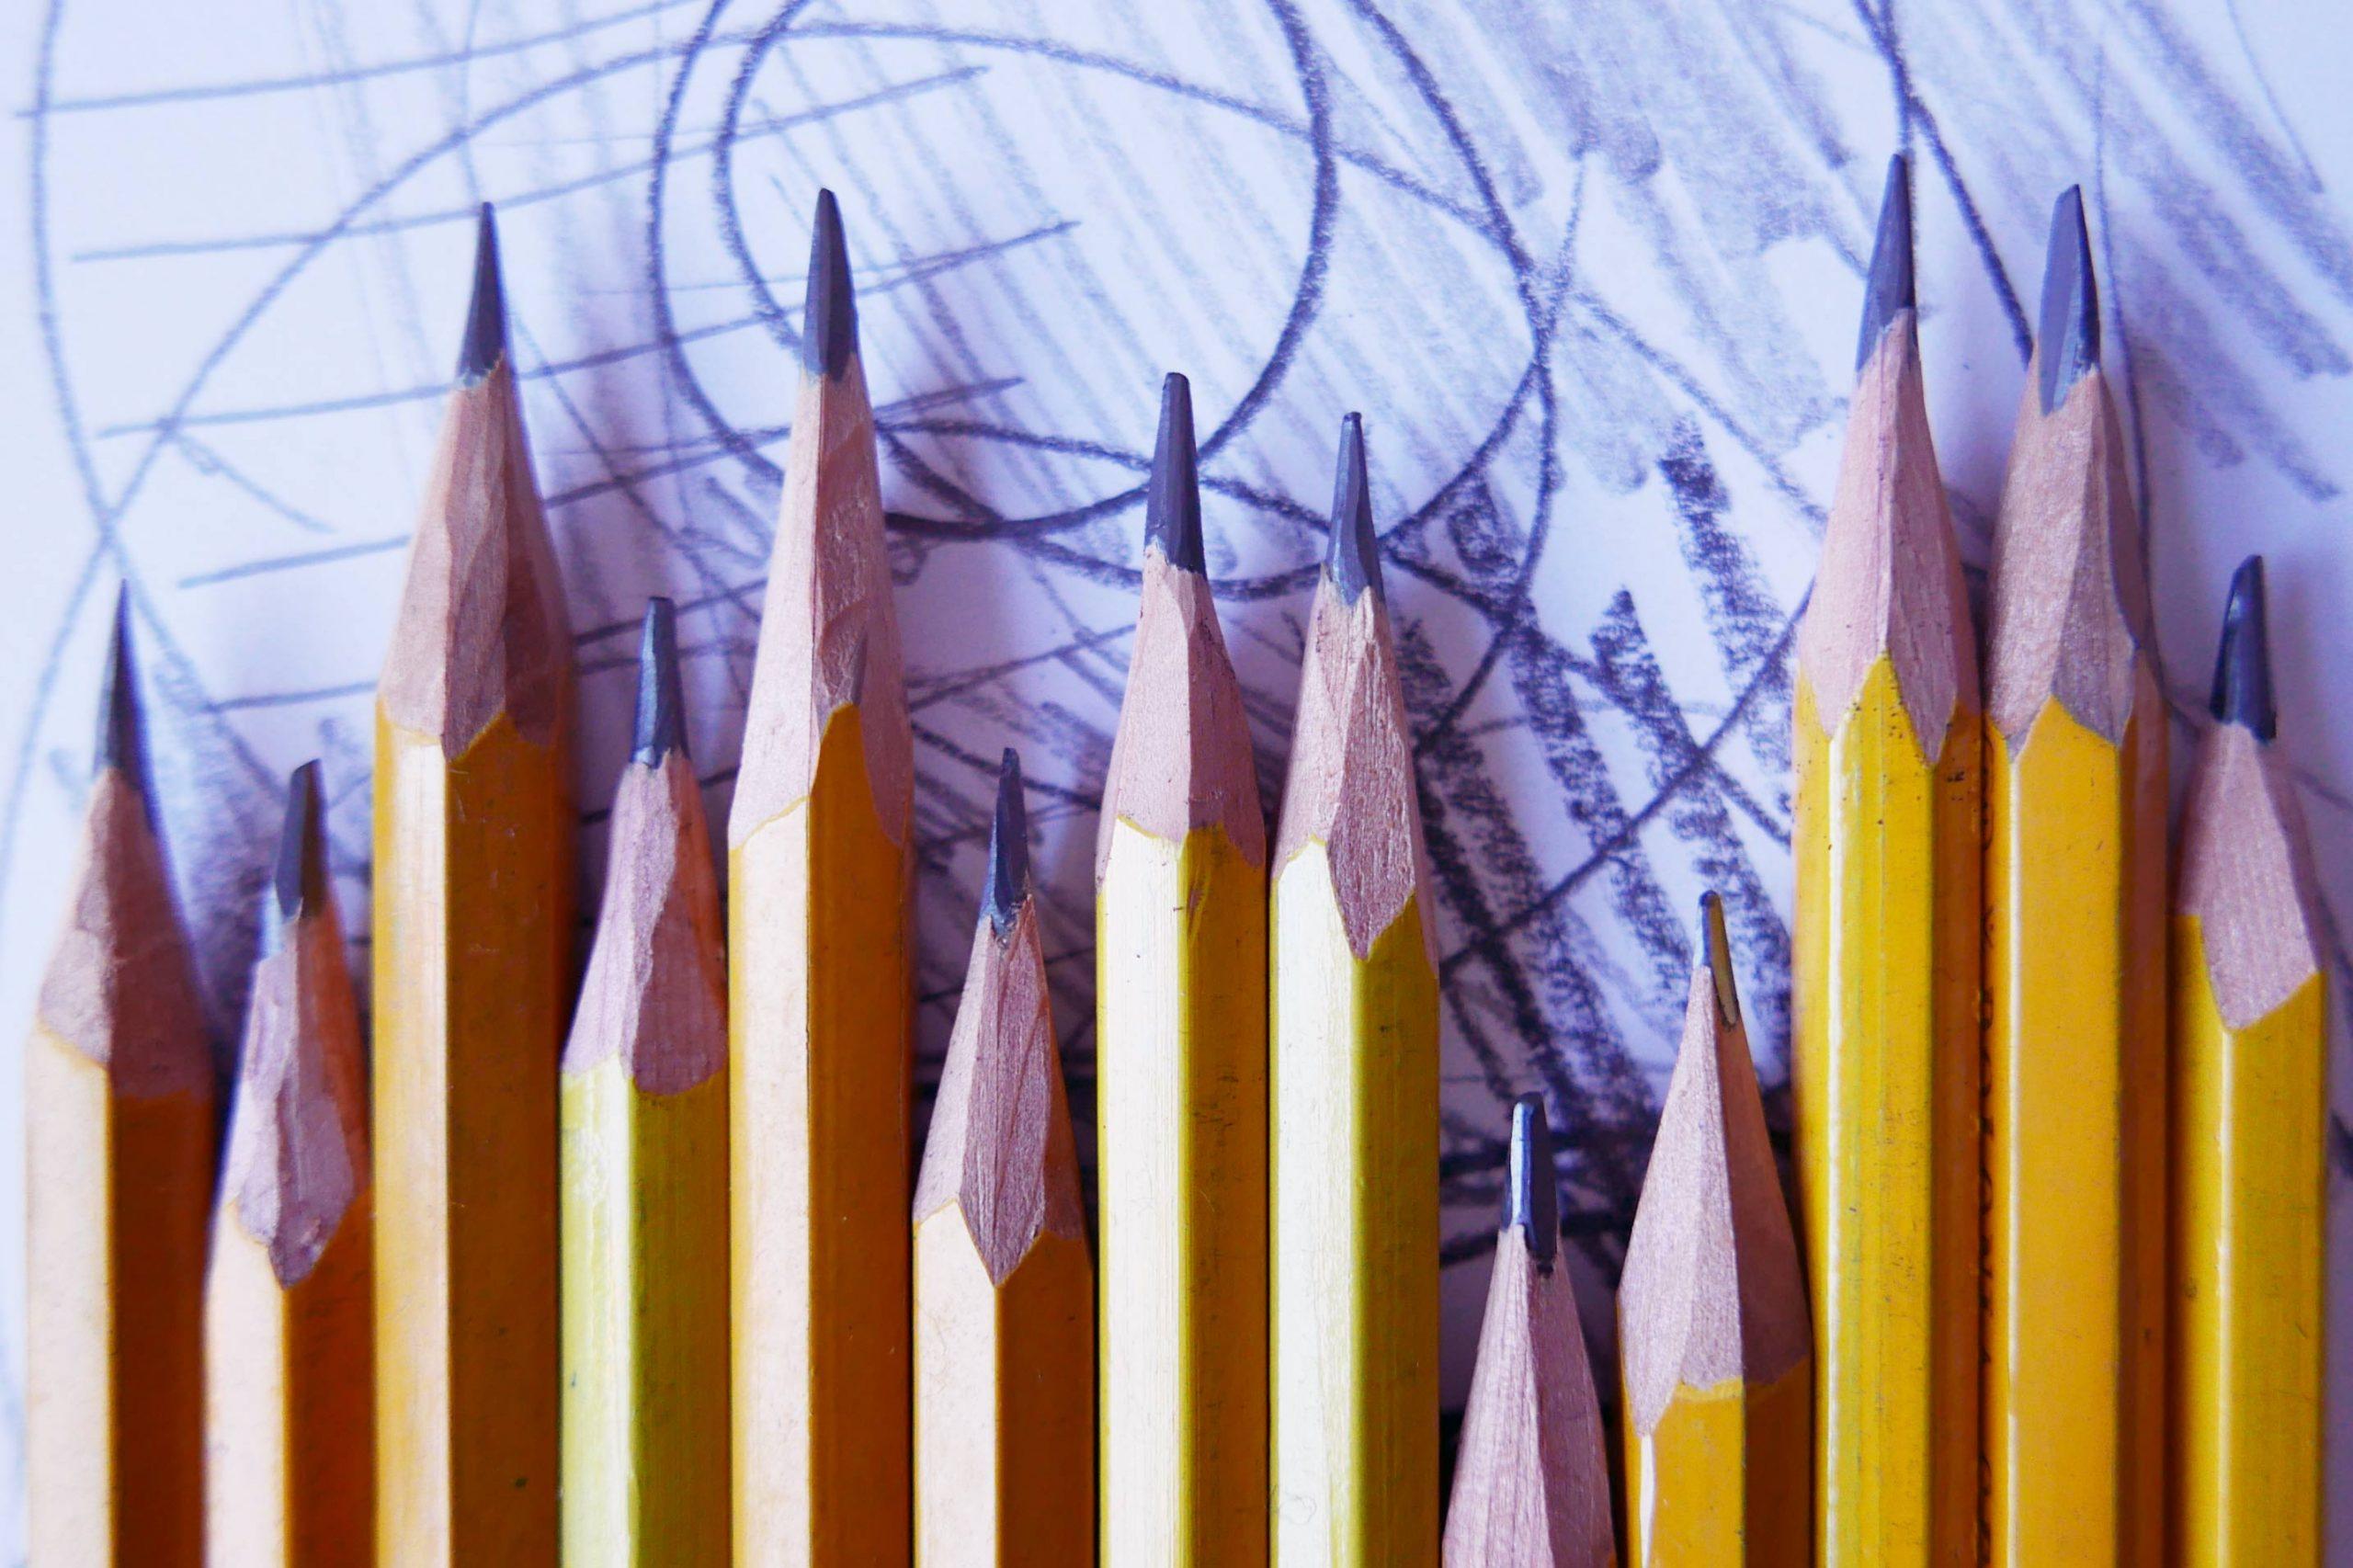 reihe der Bleistifte anspitzen